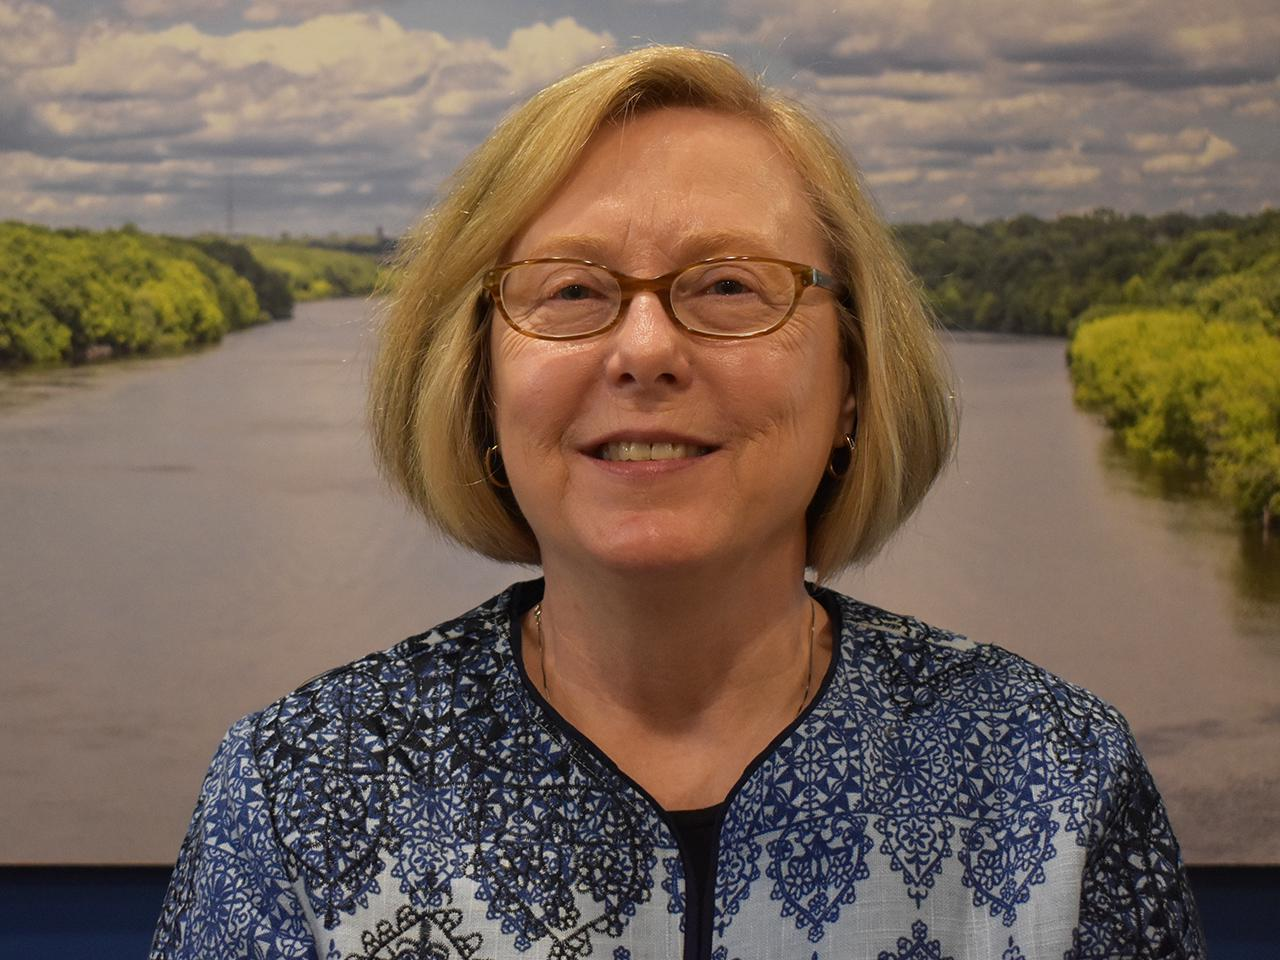 Sheila Gothmann